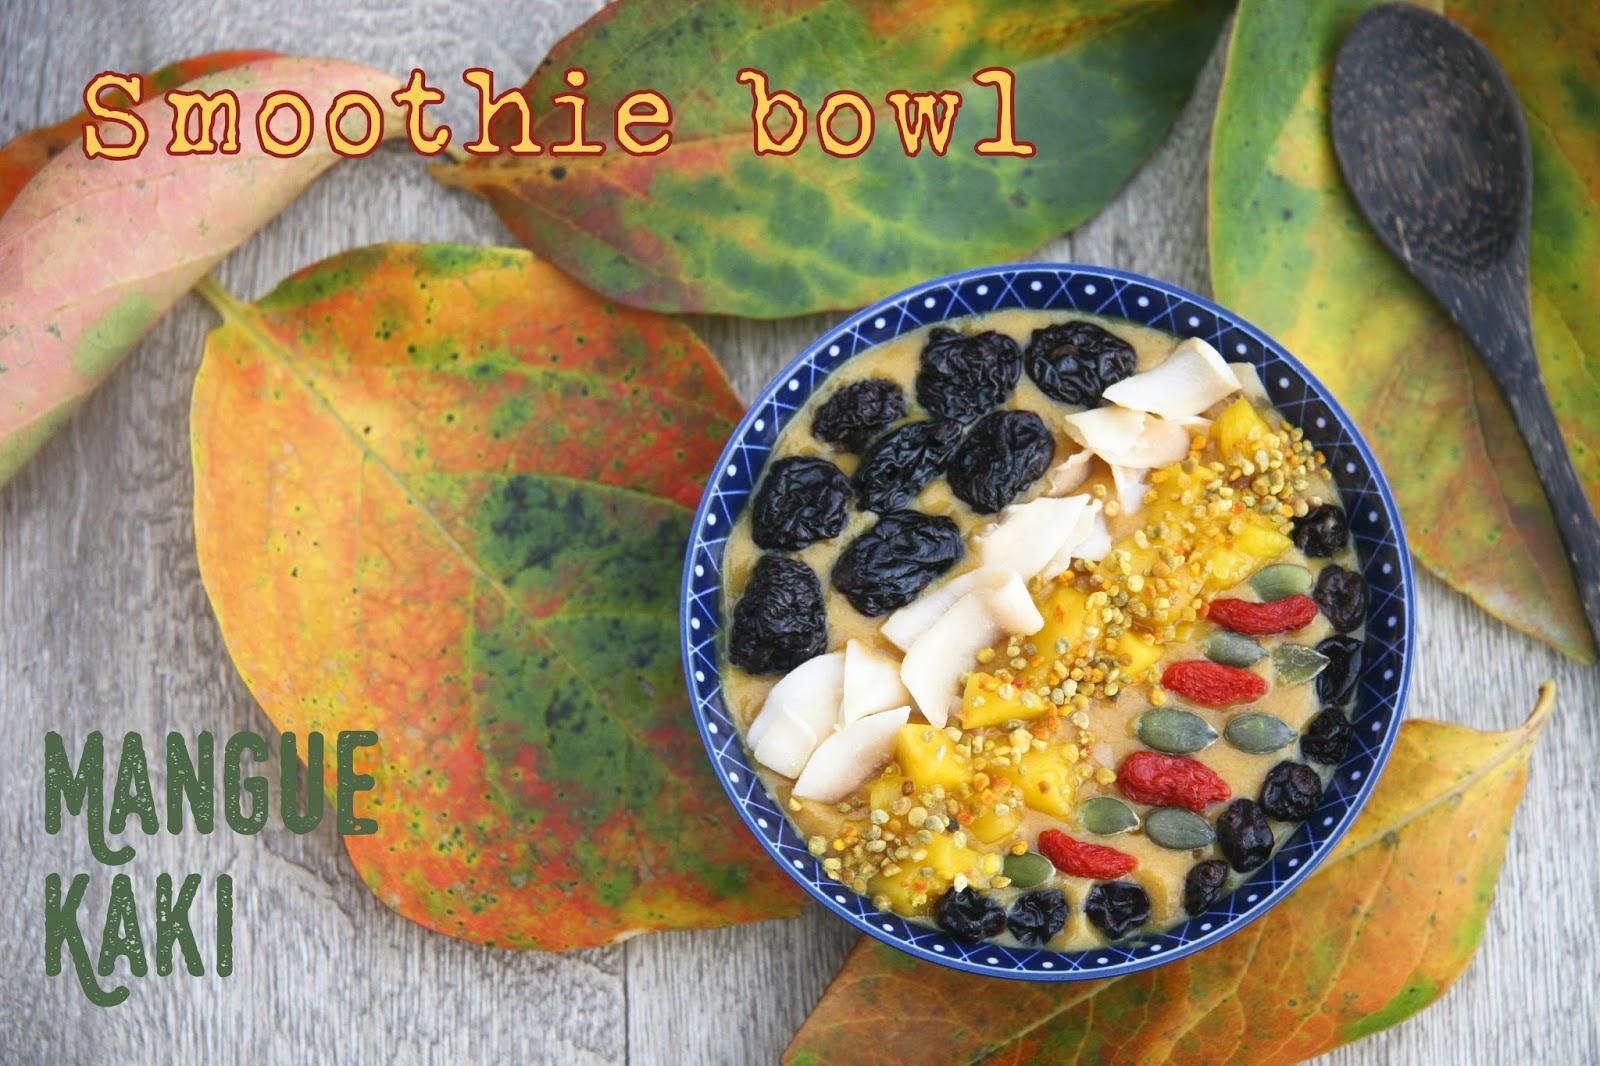 Smoothie bowl la mangue et au kaki blogs de cuisine - Comment s appelle l arbre du kaki ...